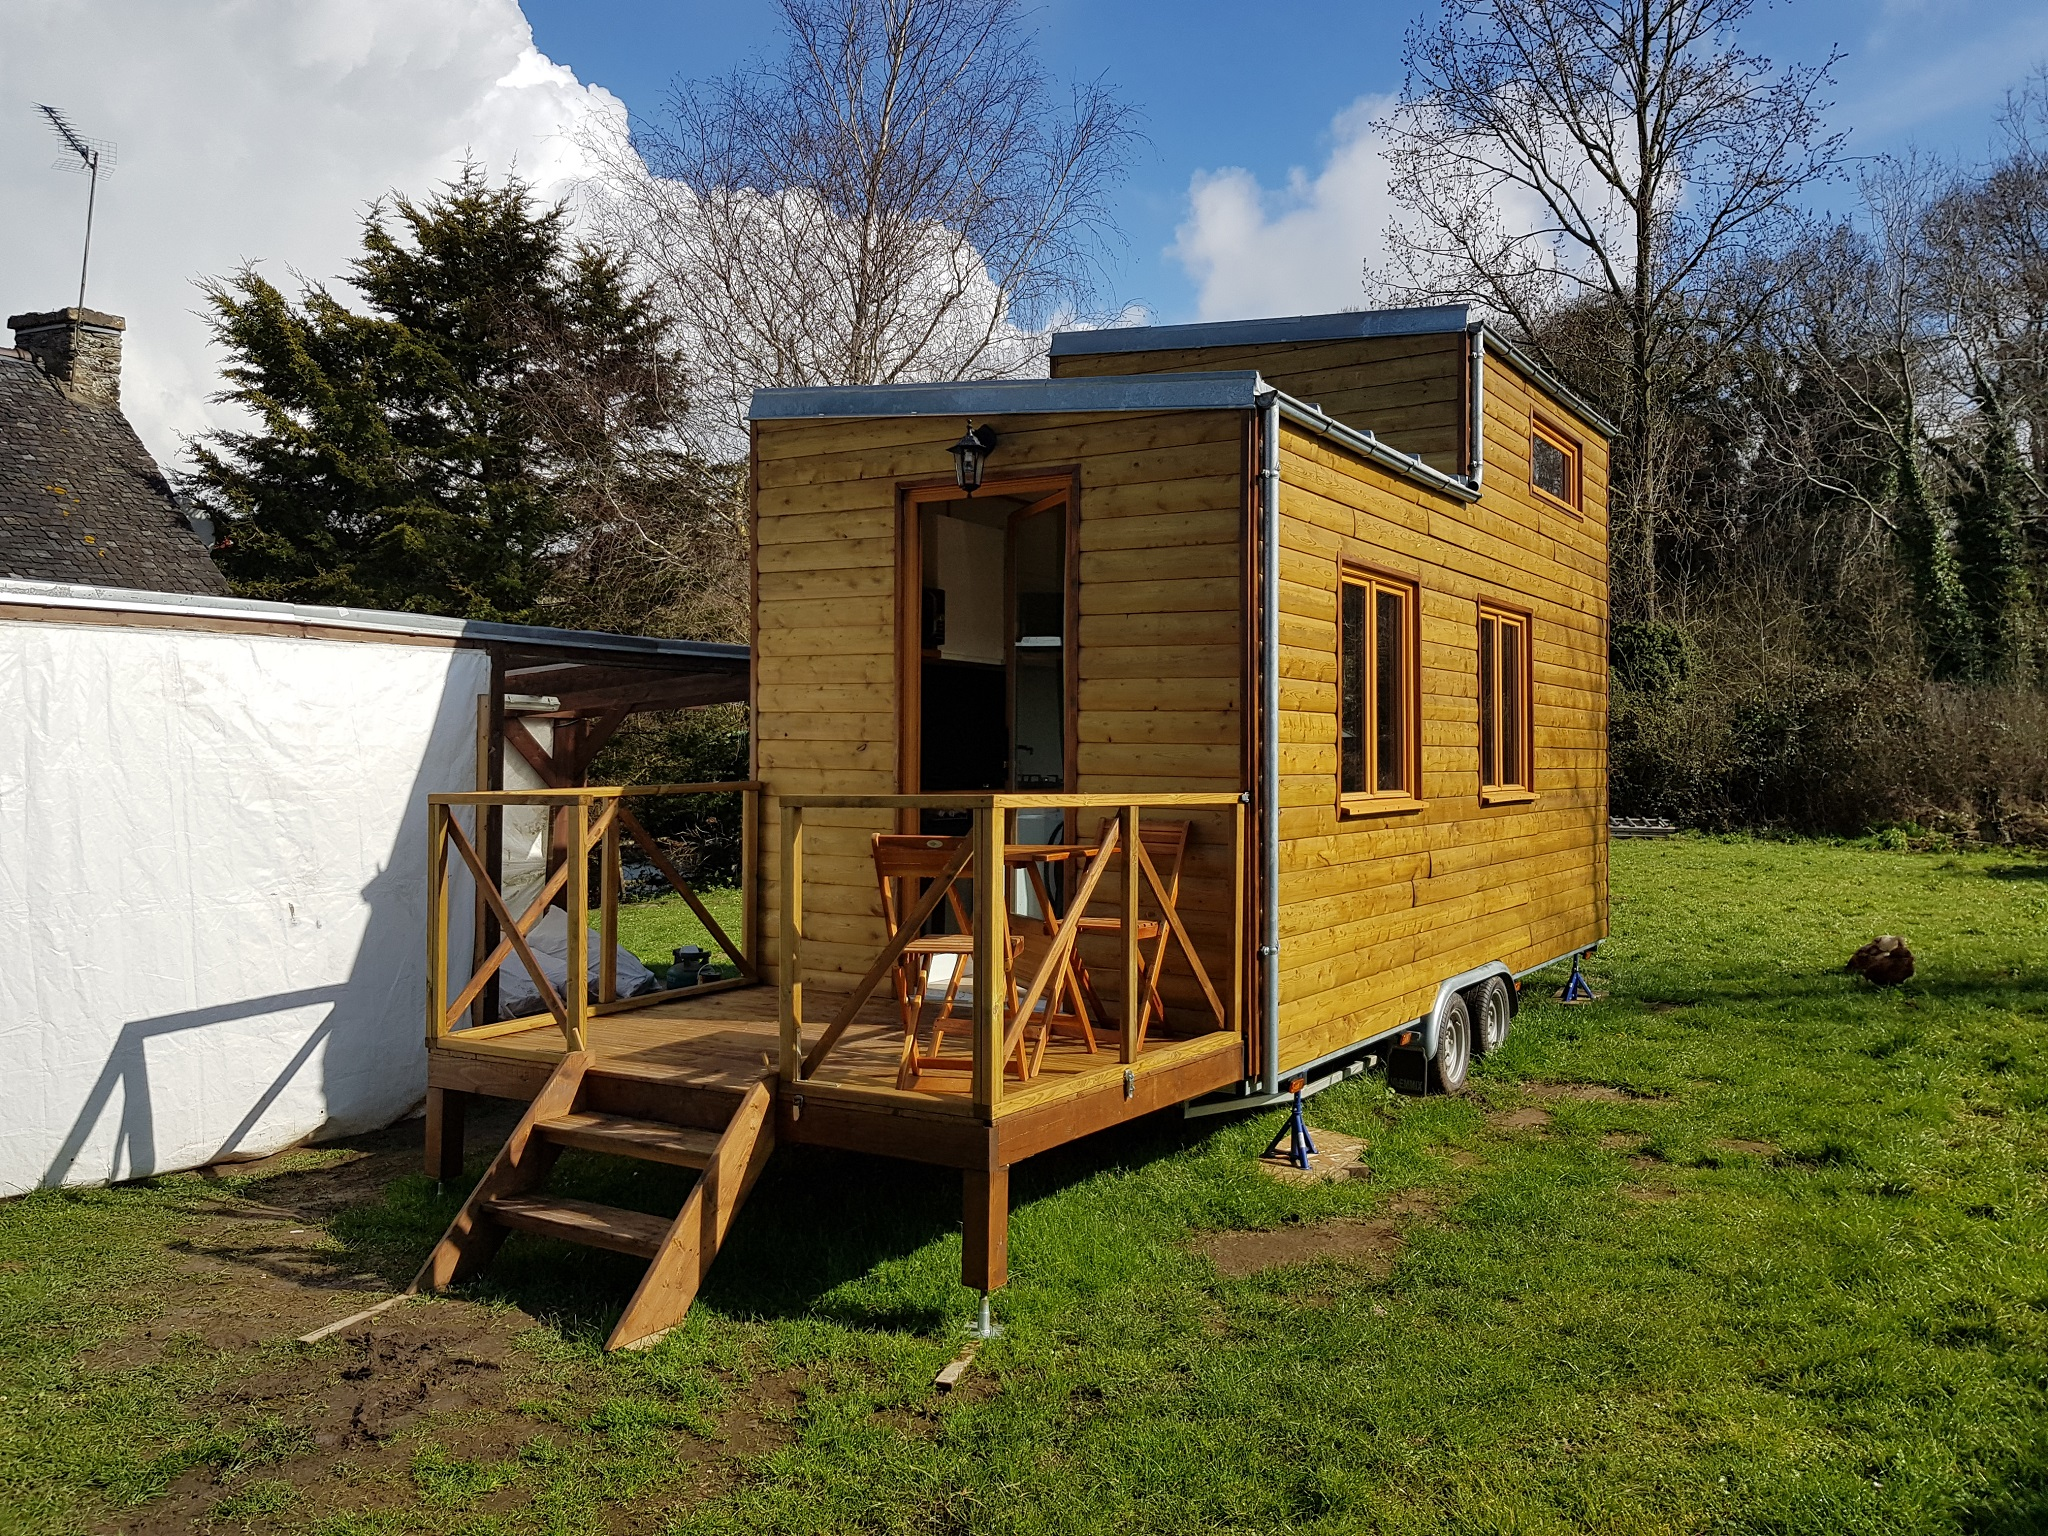 A Vendre Tiny House Neuve Pro En Cotes DArmor Avec Terrasse